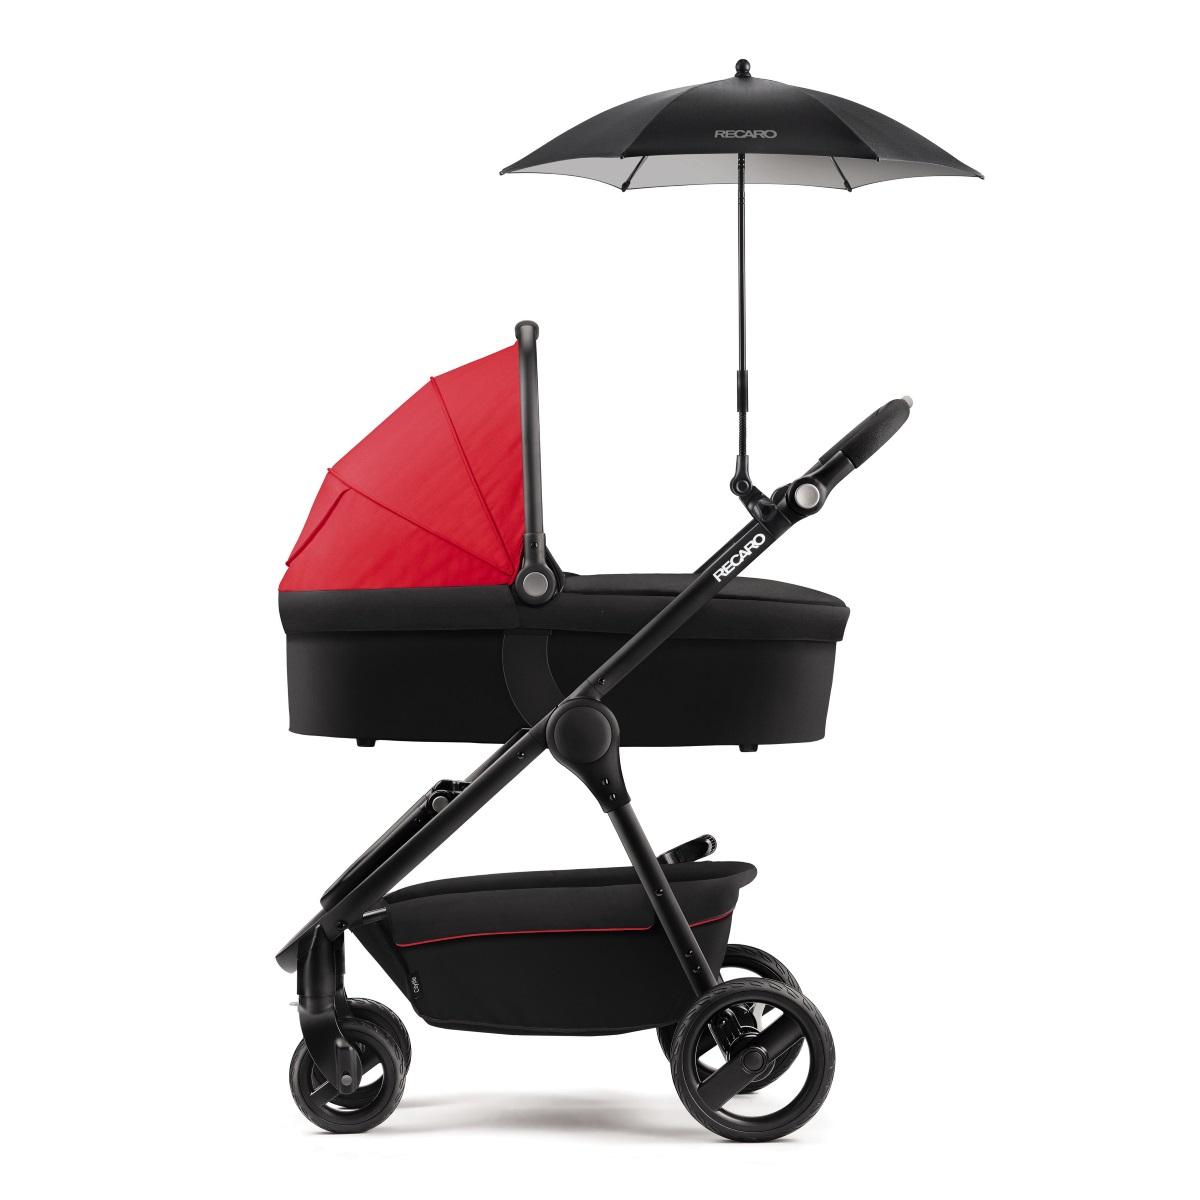 Sombrinha Recaro Stroller Parasol